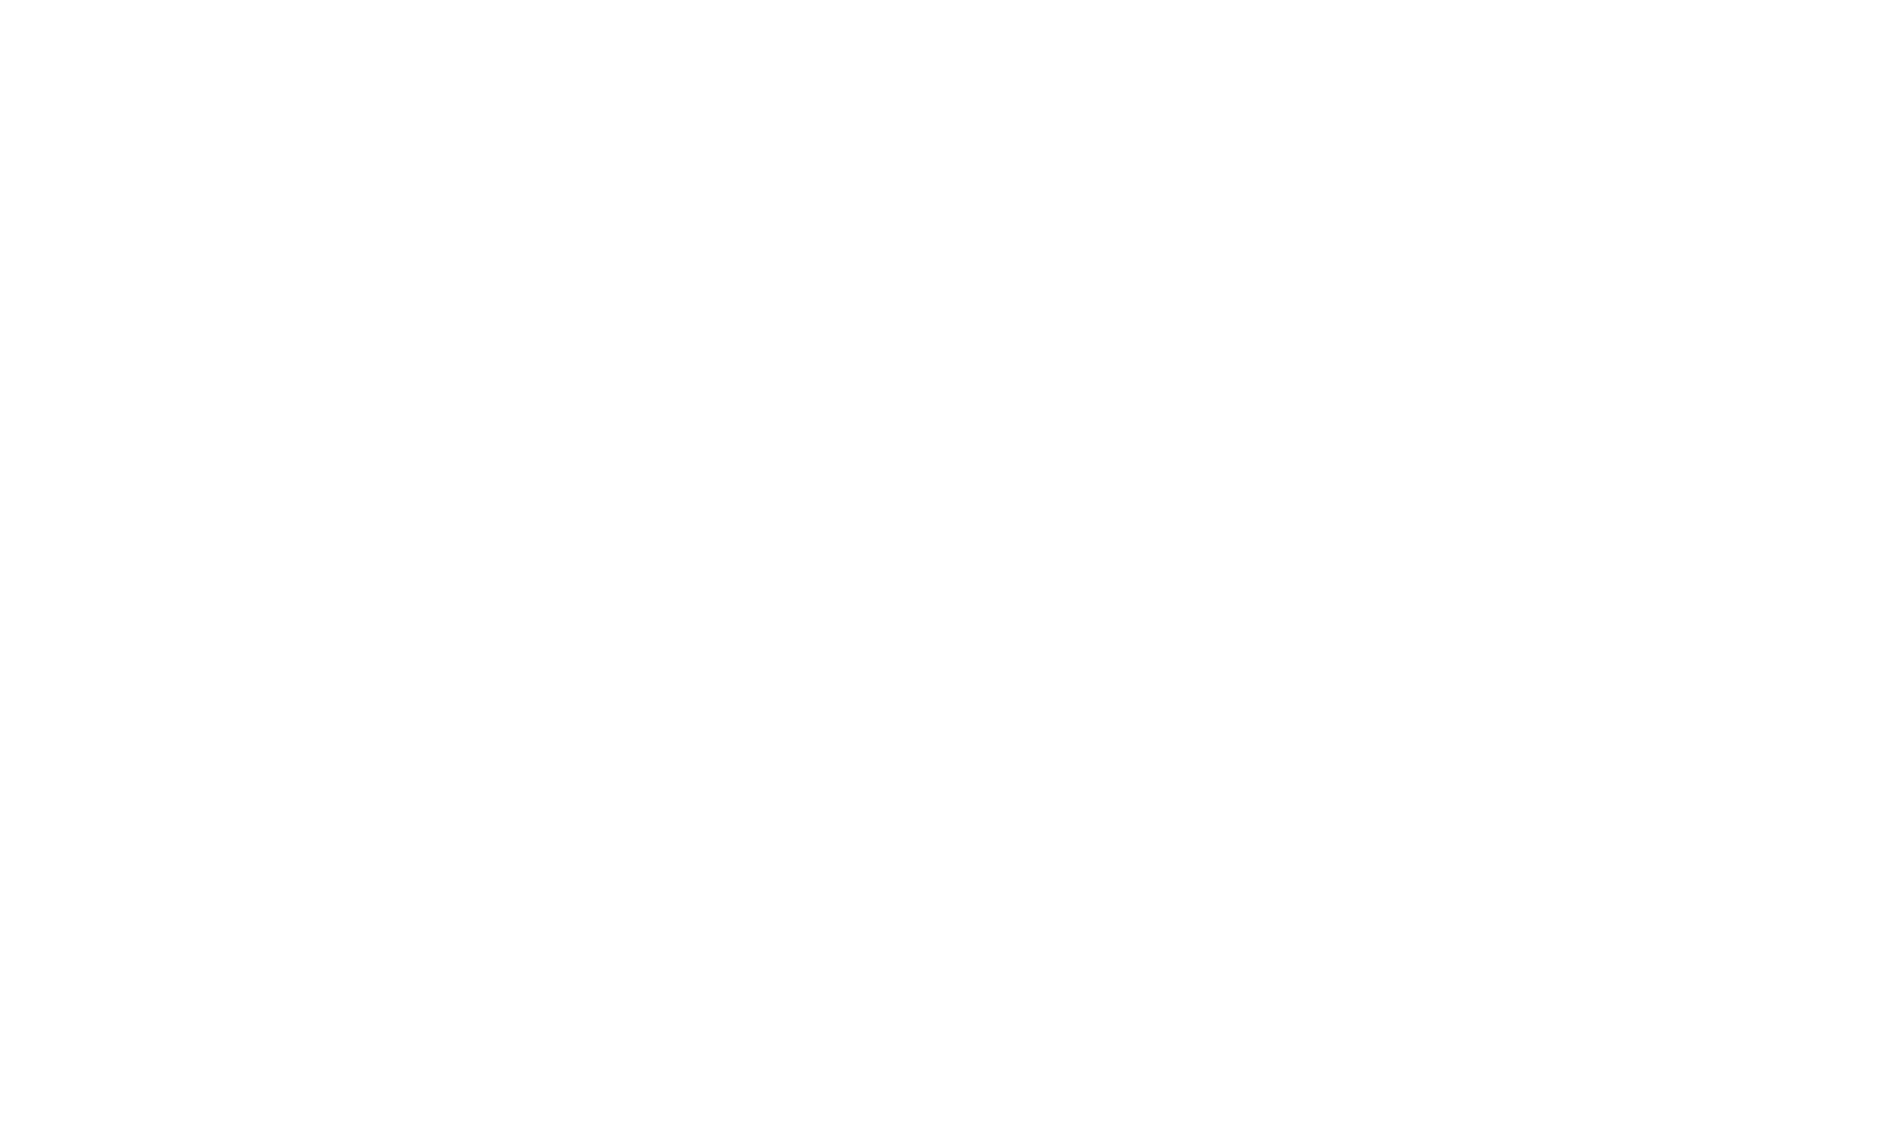 HCEDC-logo-new-white